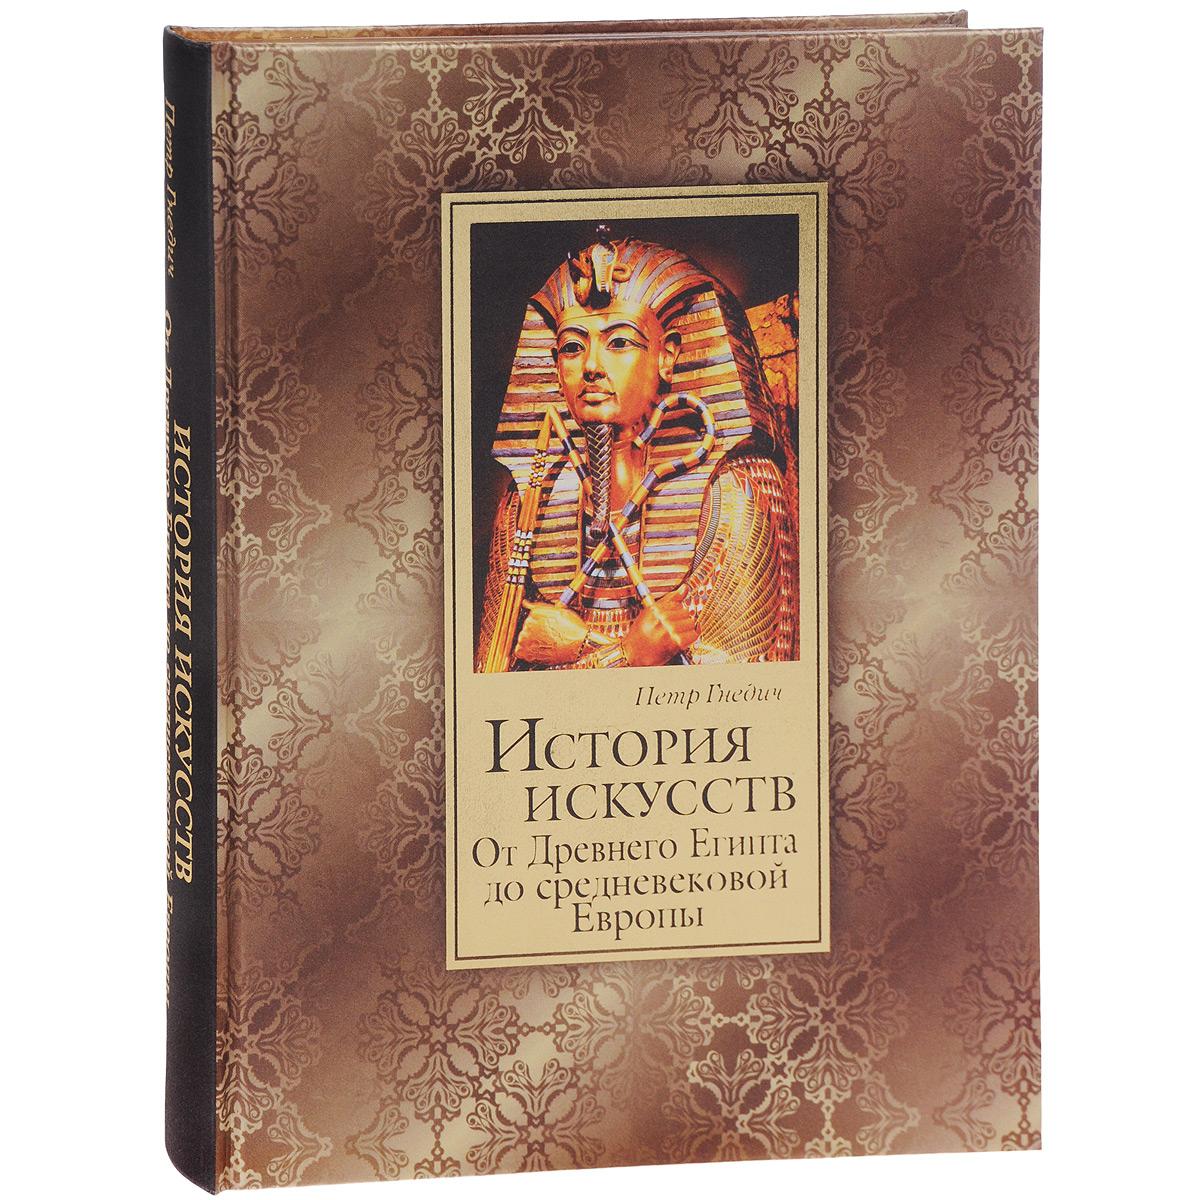 Петр Гнедич История искусств. От Древнего Египта до средневековой Европы (подарочное издание)